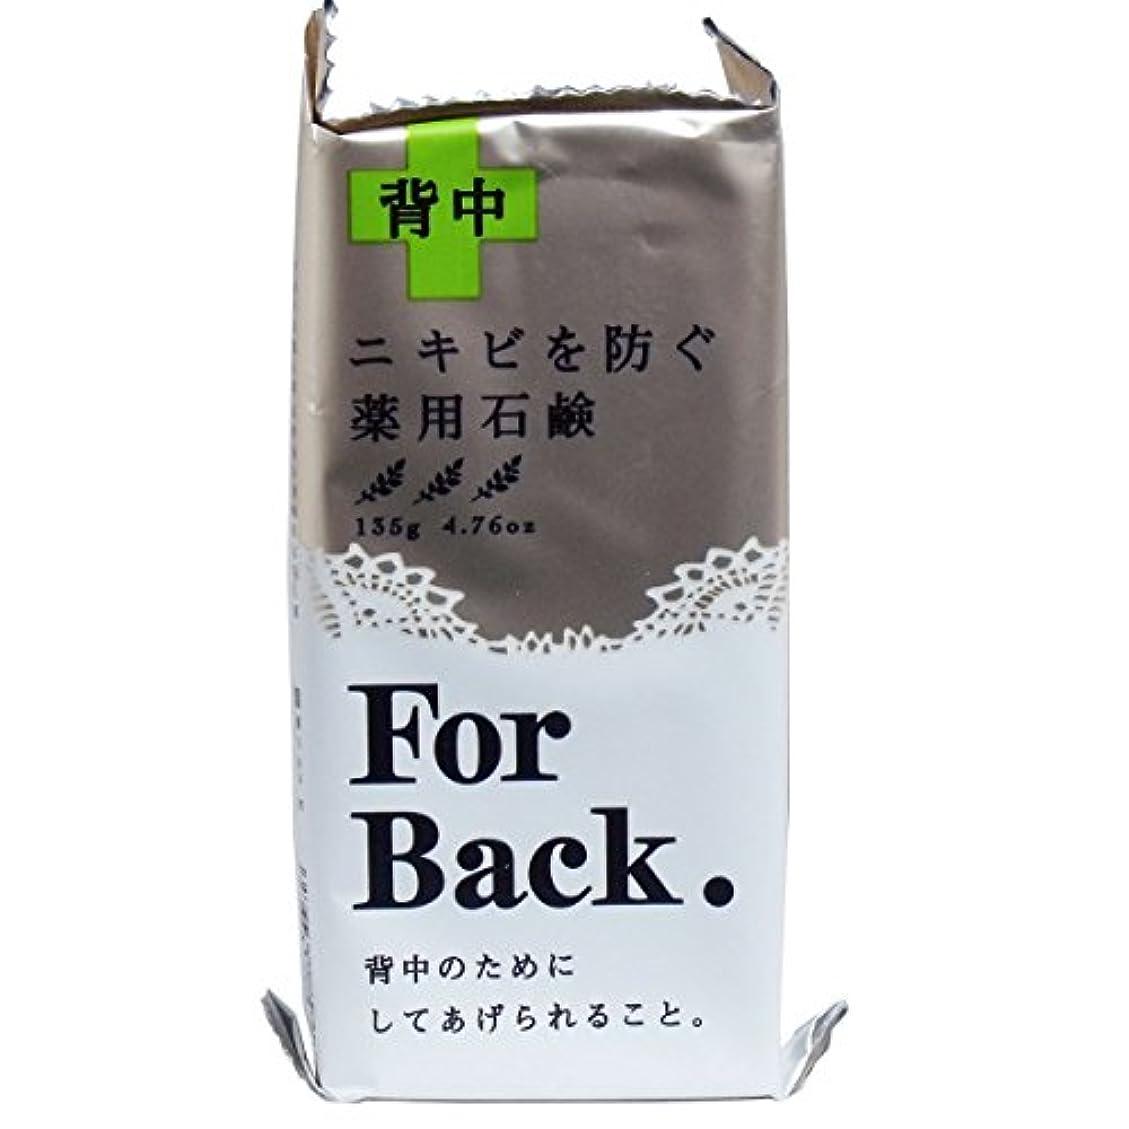 つまずくチャットシソーラス薬用石鹸ForBack 135g ×2セット